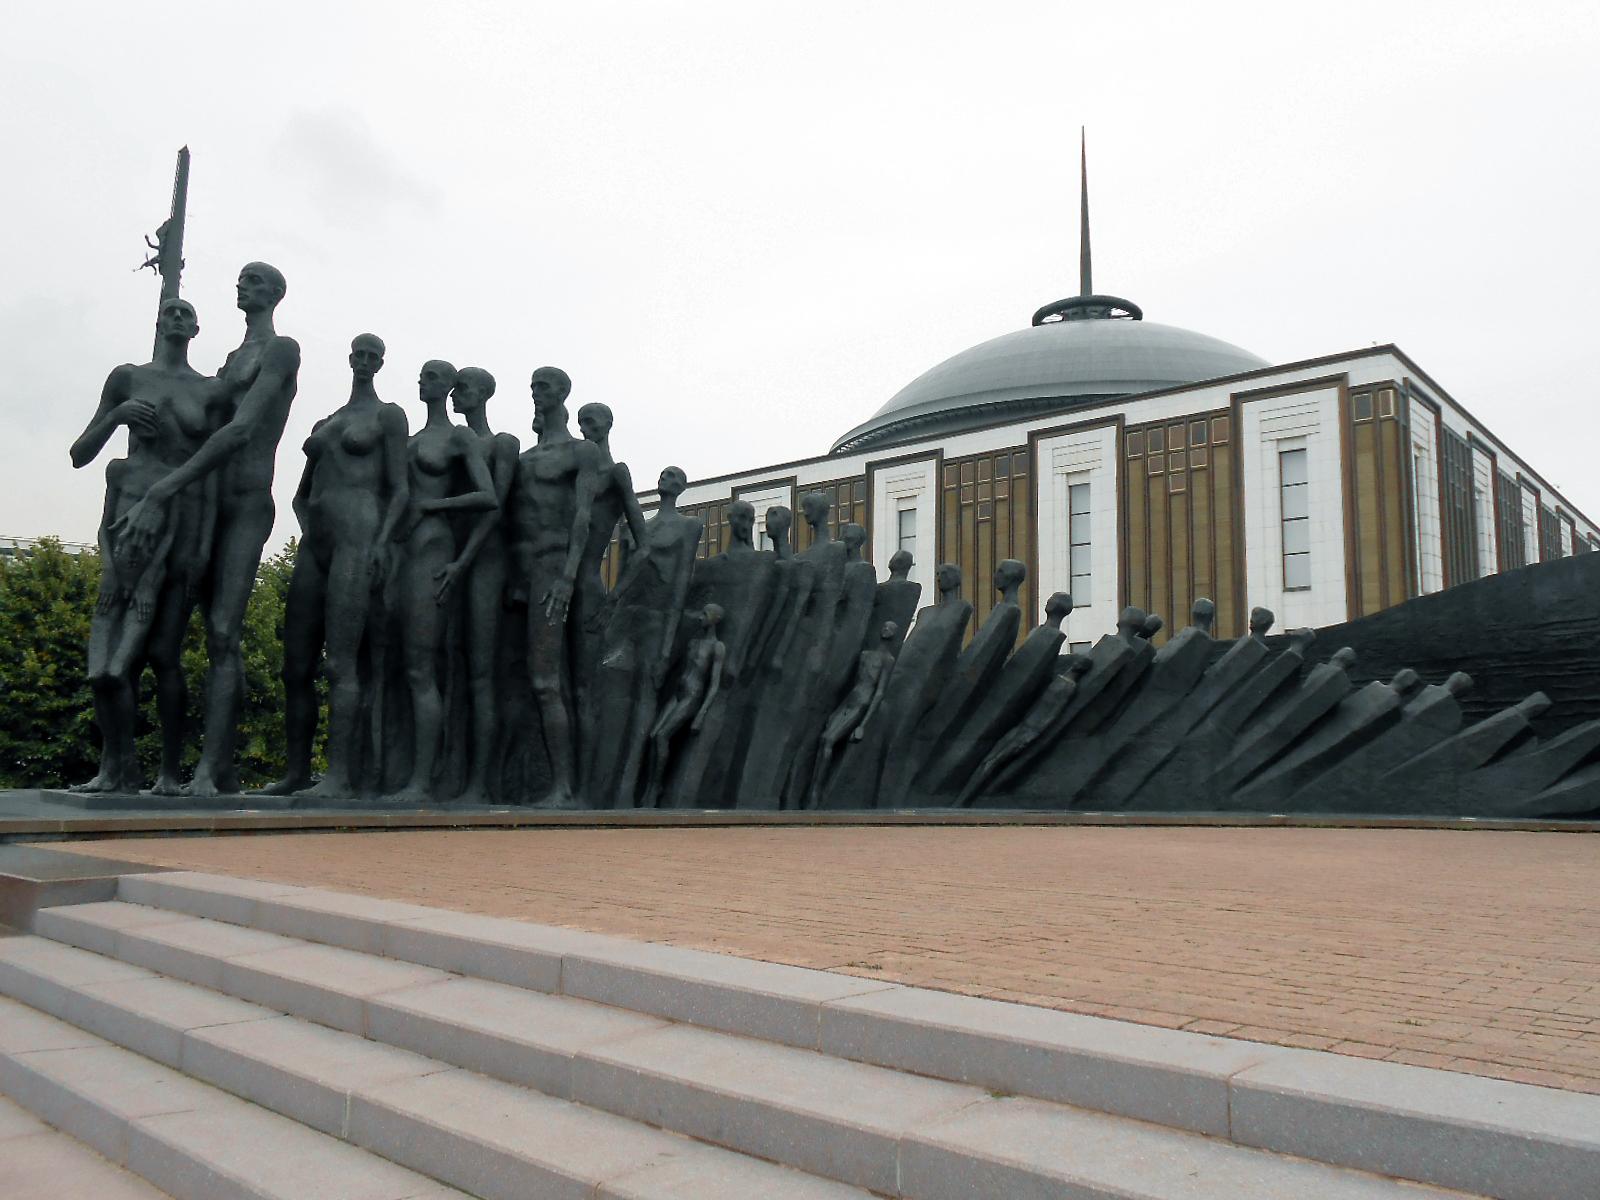 Népek tragédiája emlékmű és a Nagy Honvédő Háború Központi Múzeuma, Moszkva, Győzelem Park (a szerző felvétele)